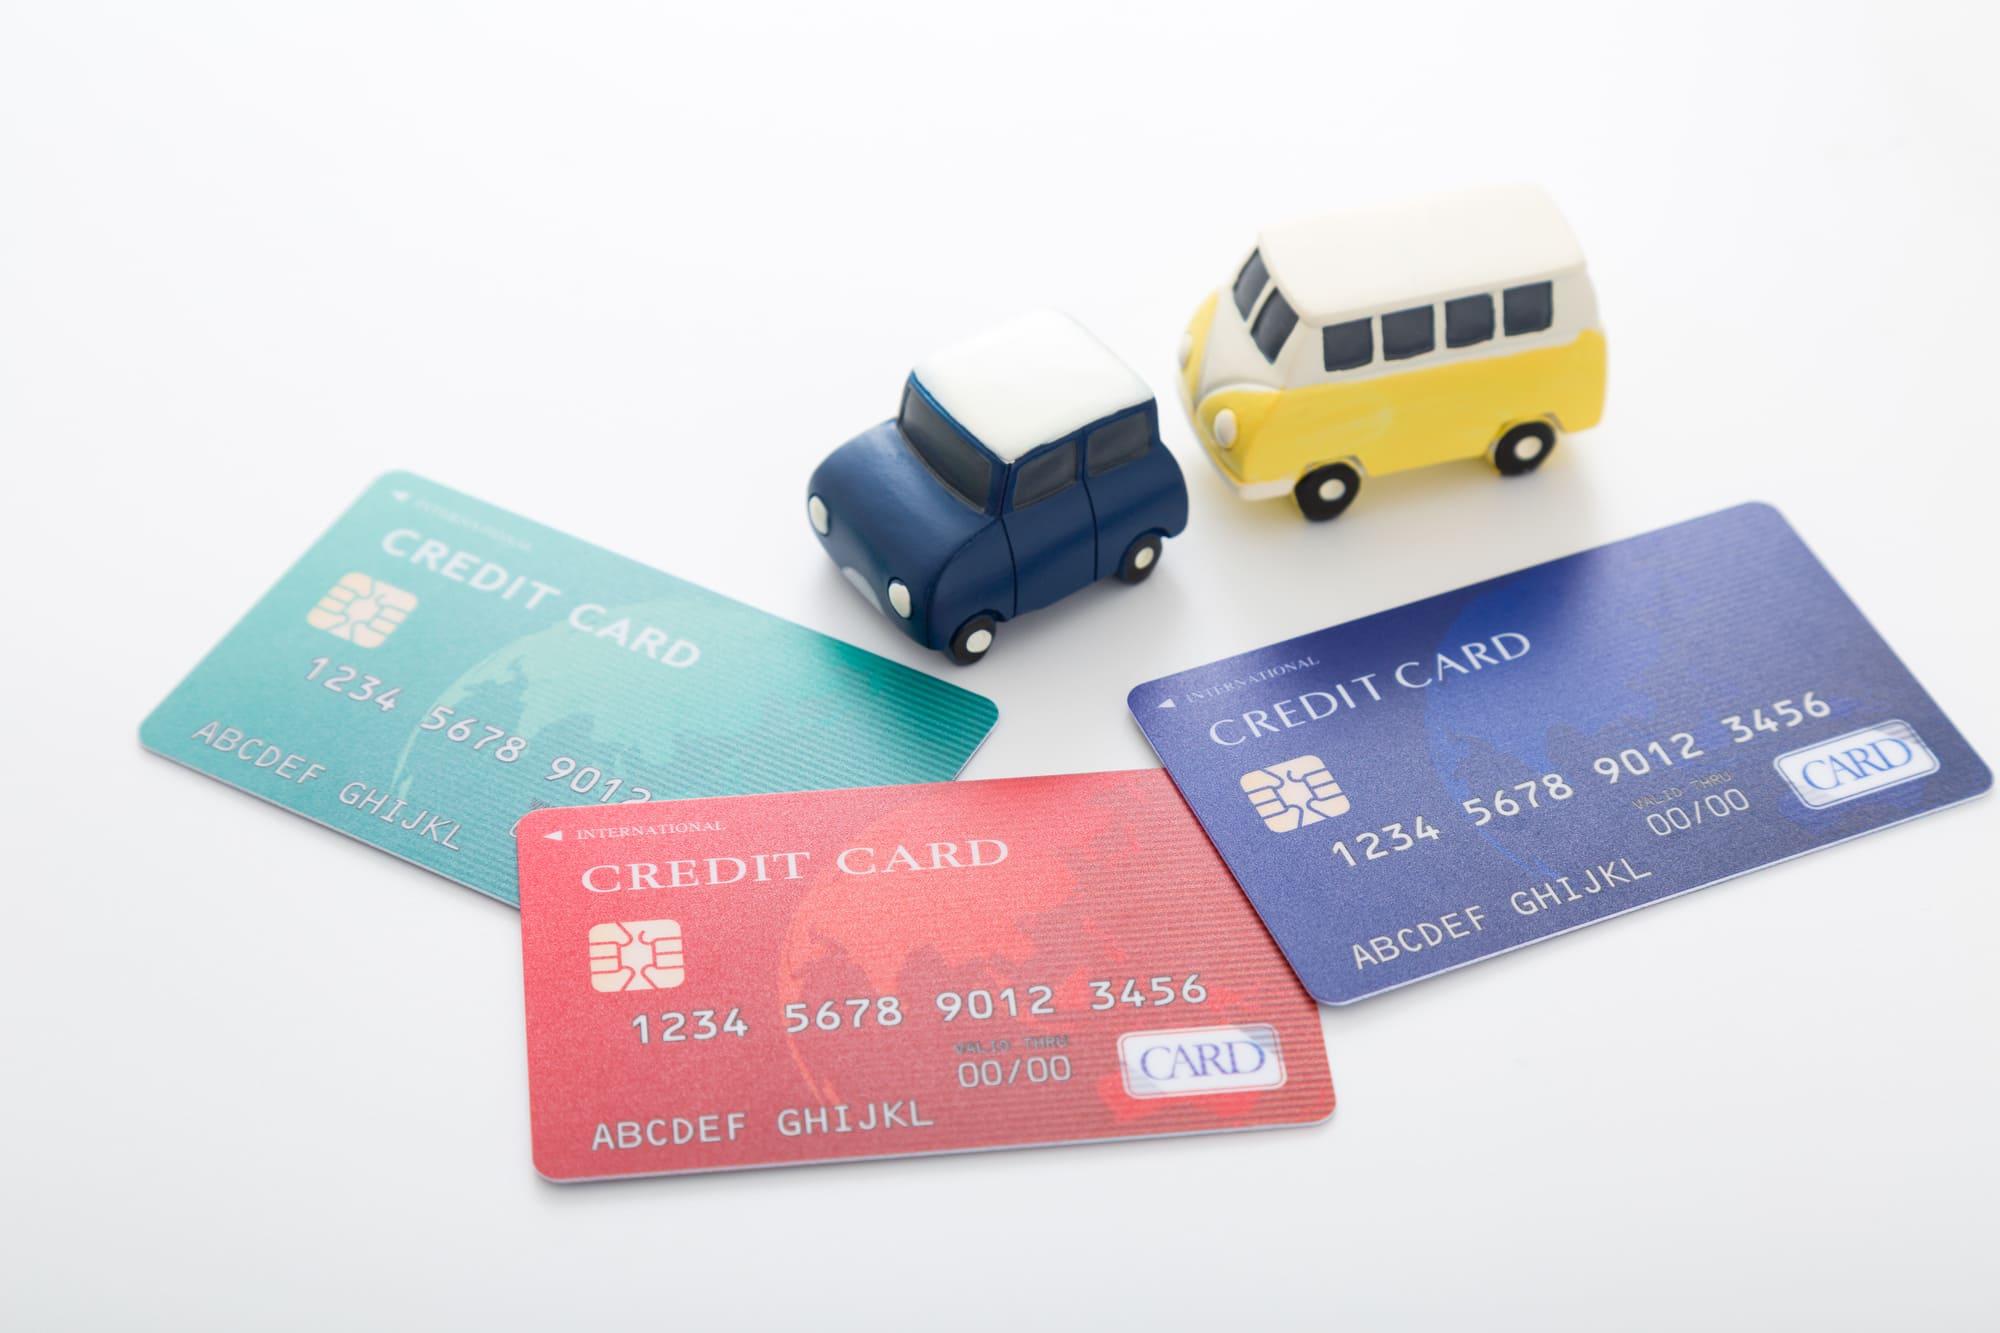 アメックスビジネスのETCカードはおすすめ?他社ETCカードと比較してみよう